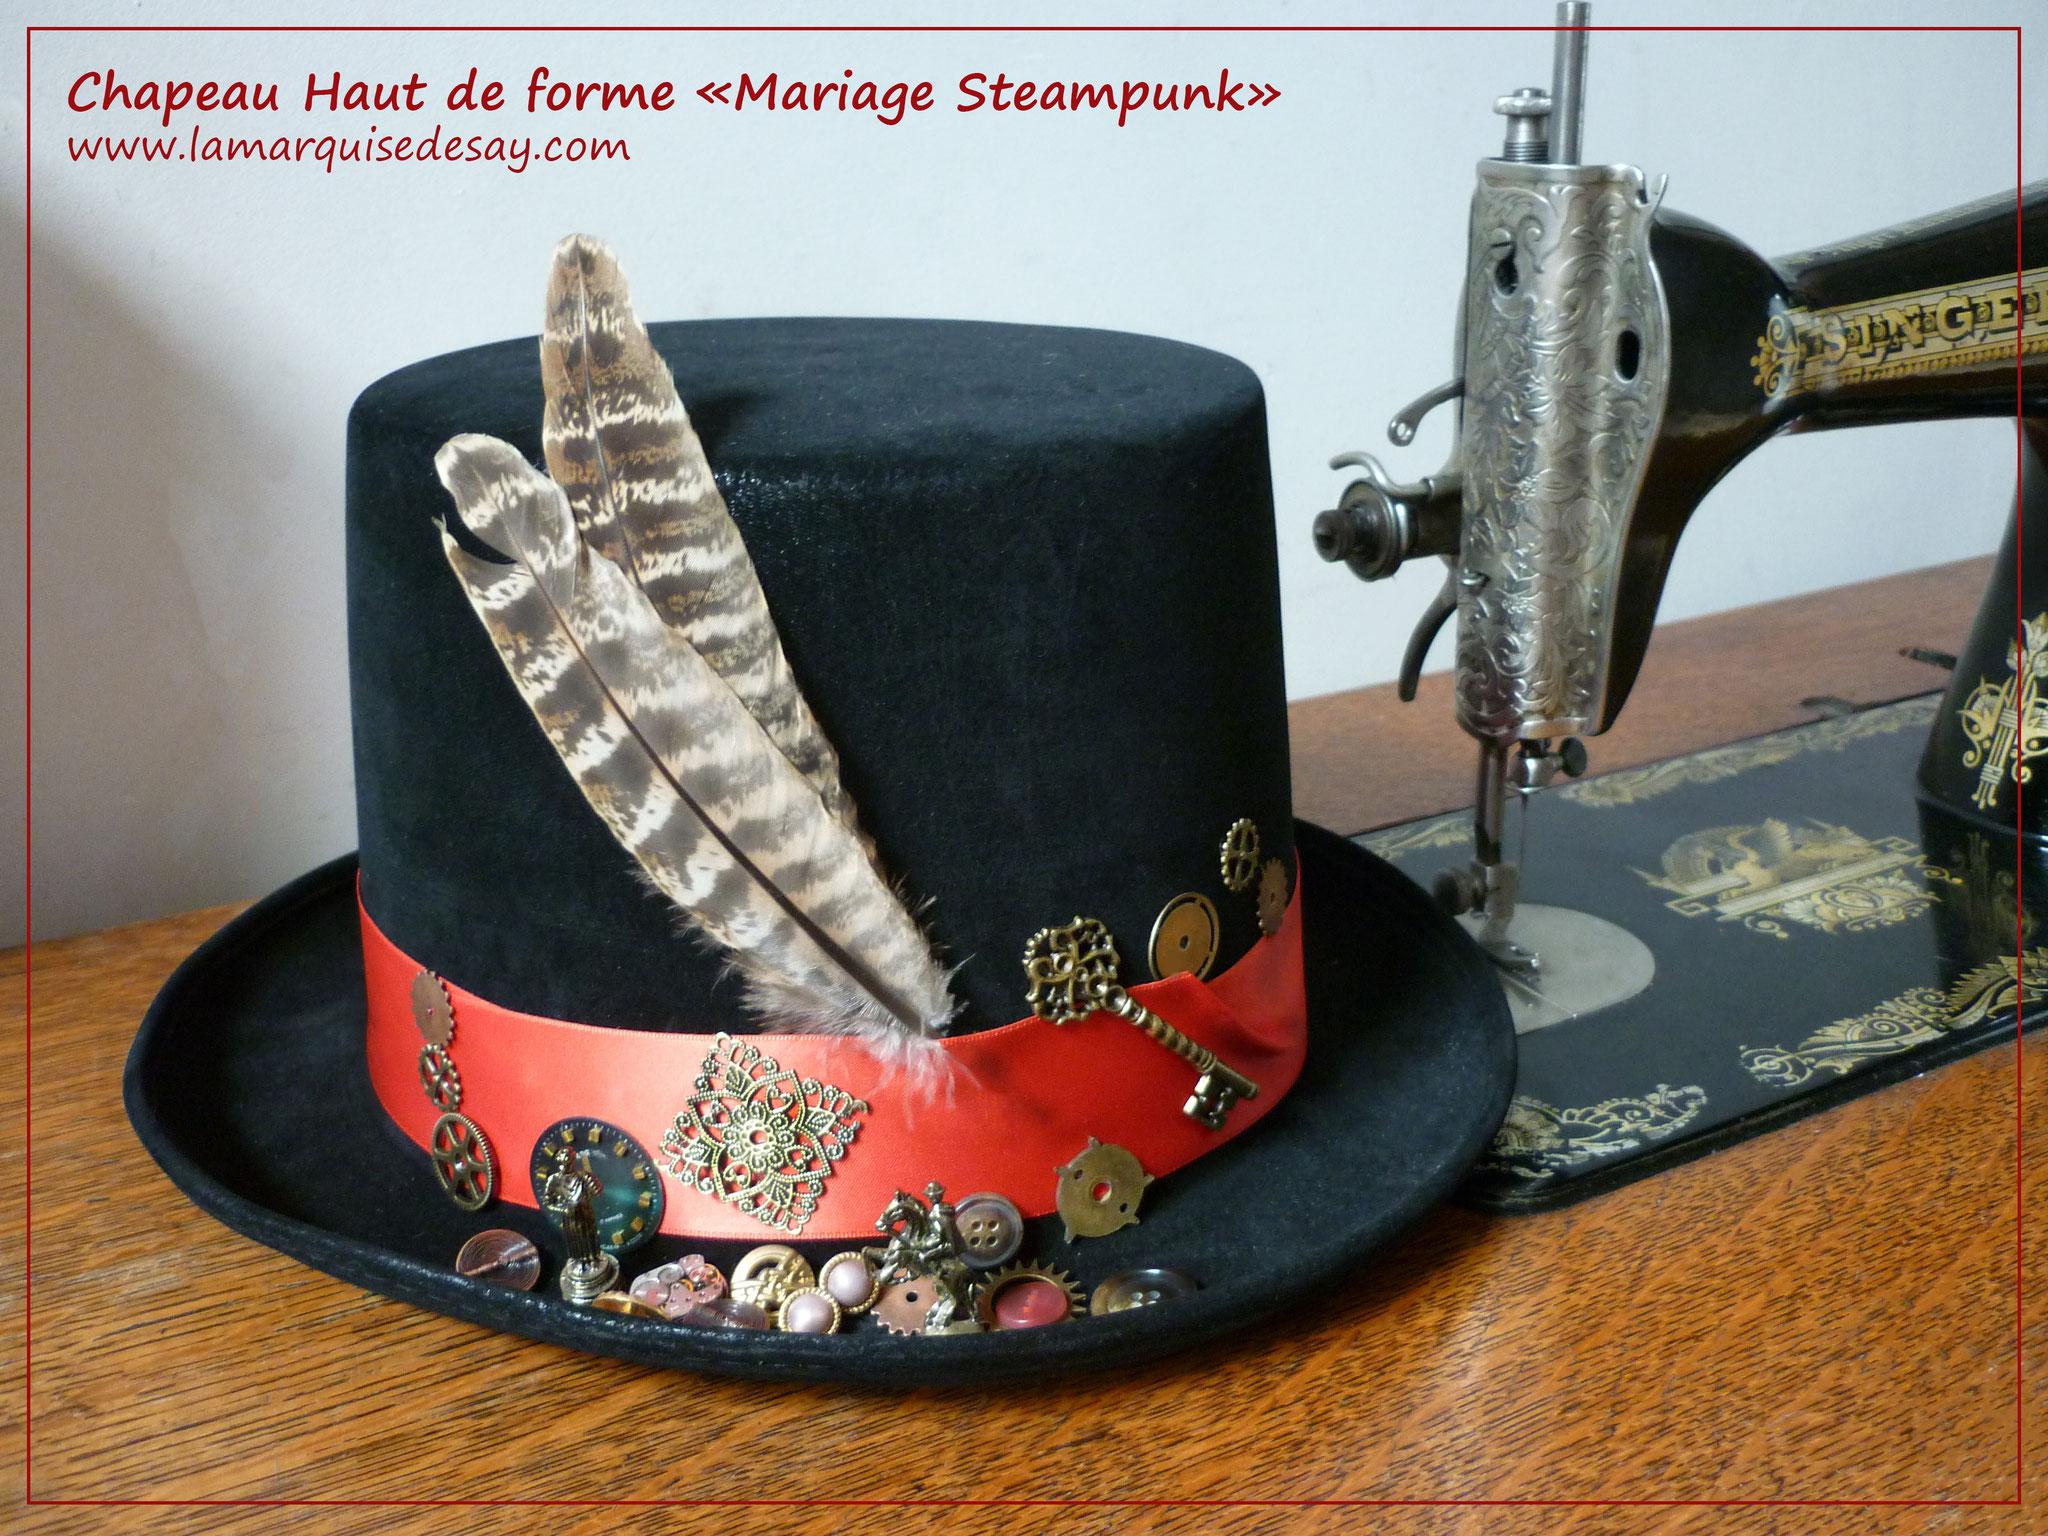 Chapeau Haut de forme Mariage Steampunk - feutre noir moulé - Demande sur-mesure